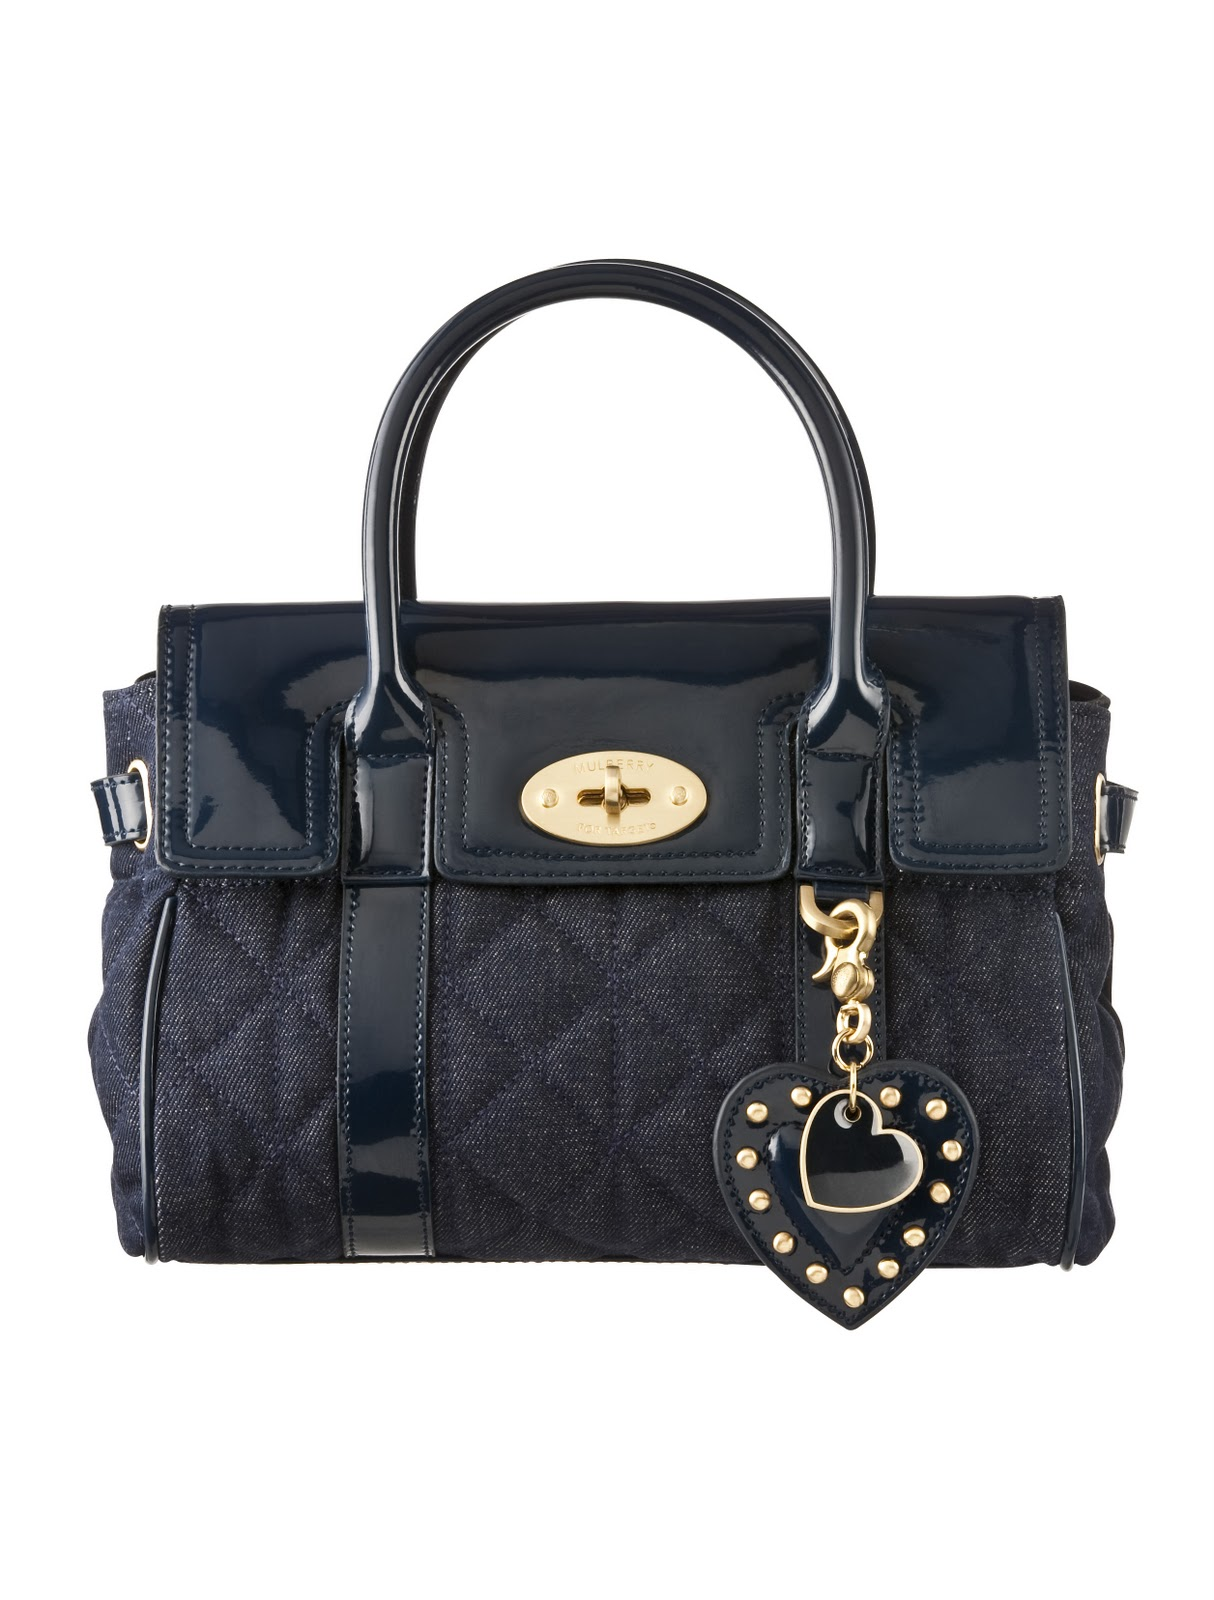 Женские сумки Mulberry Малберри - купить копию сумки